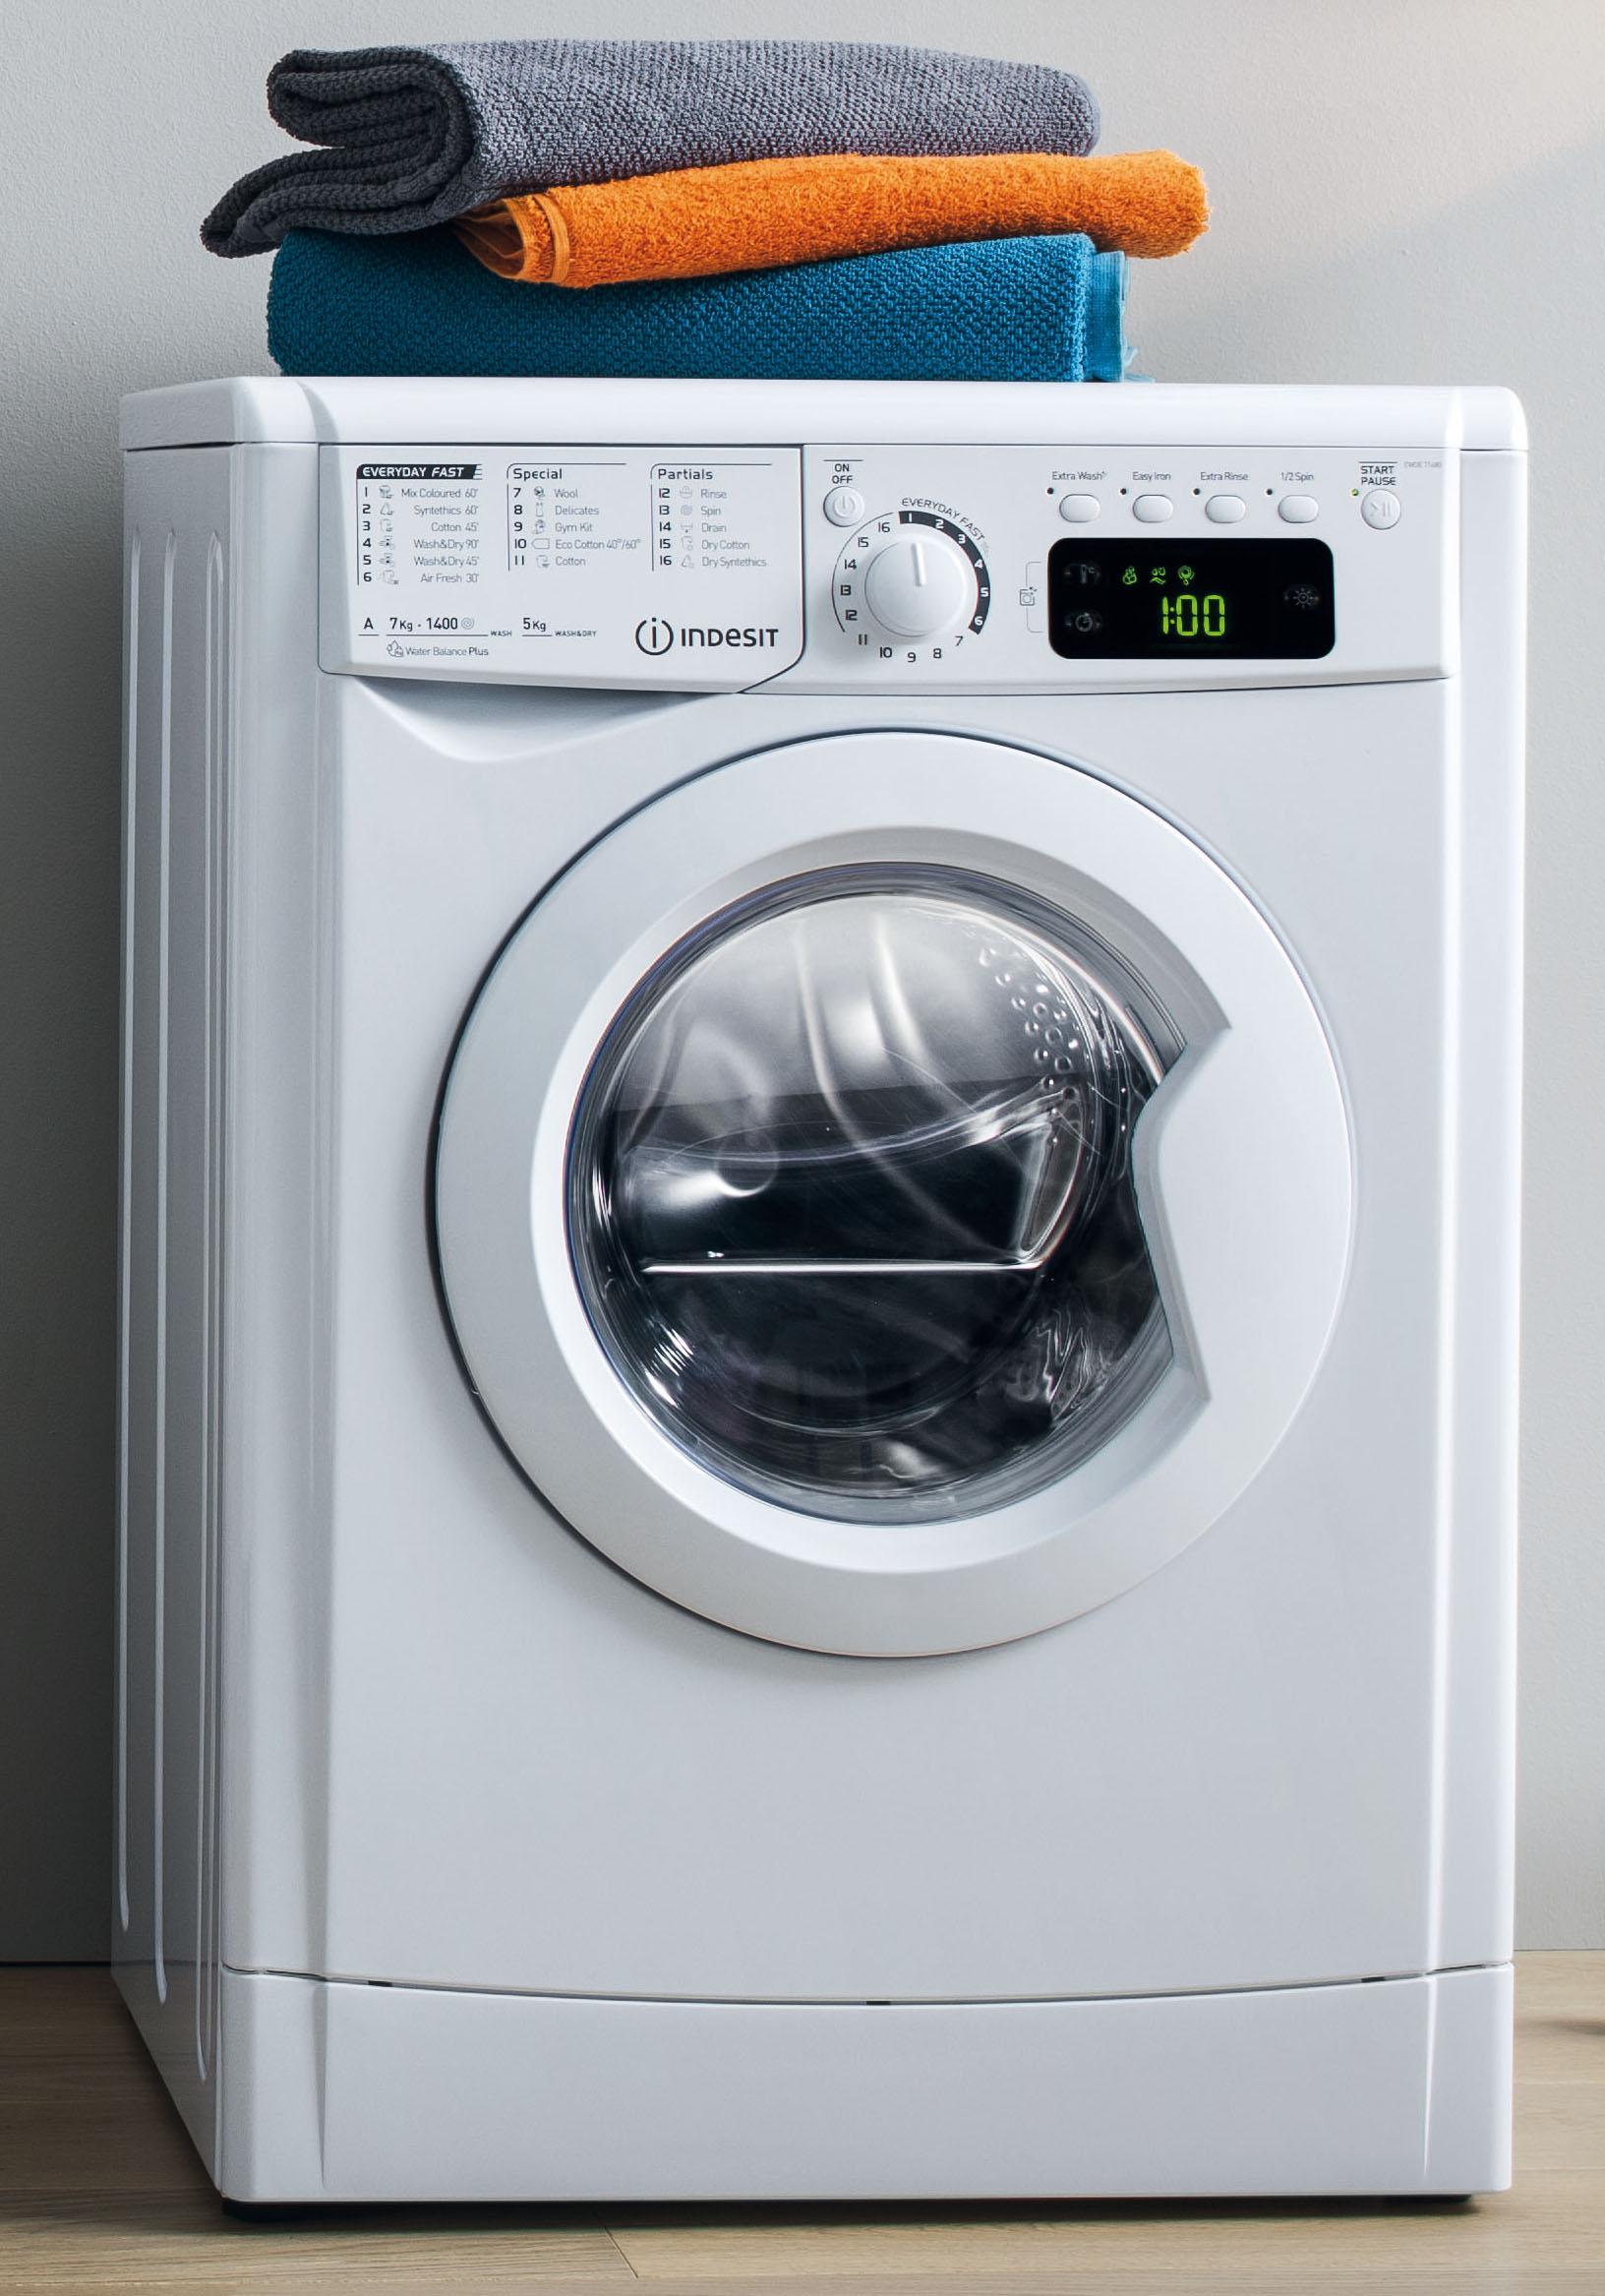 Indesit Waschtrockner MyTime Mit Alltagsprogrammen Unter 90 Minuten